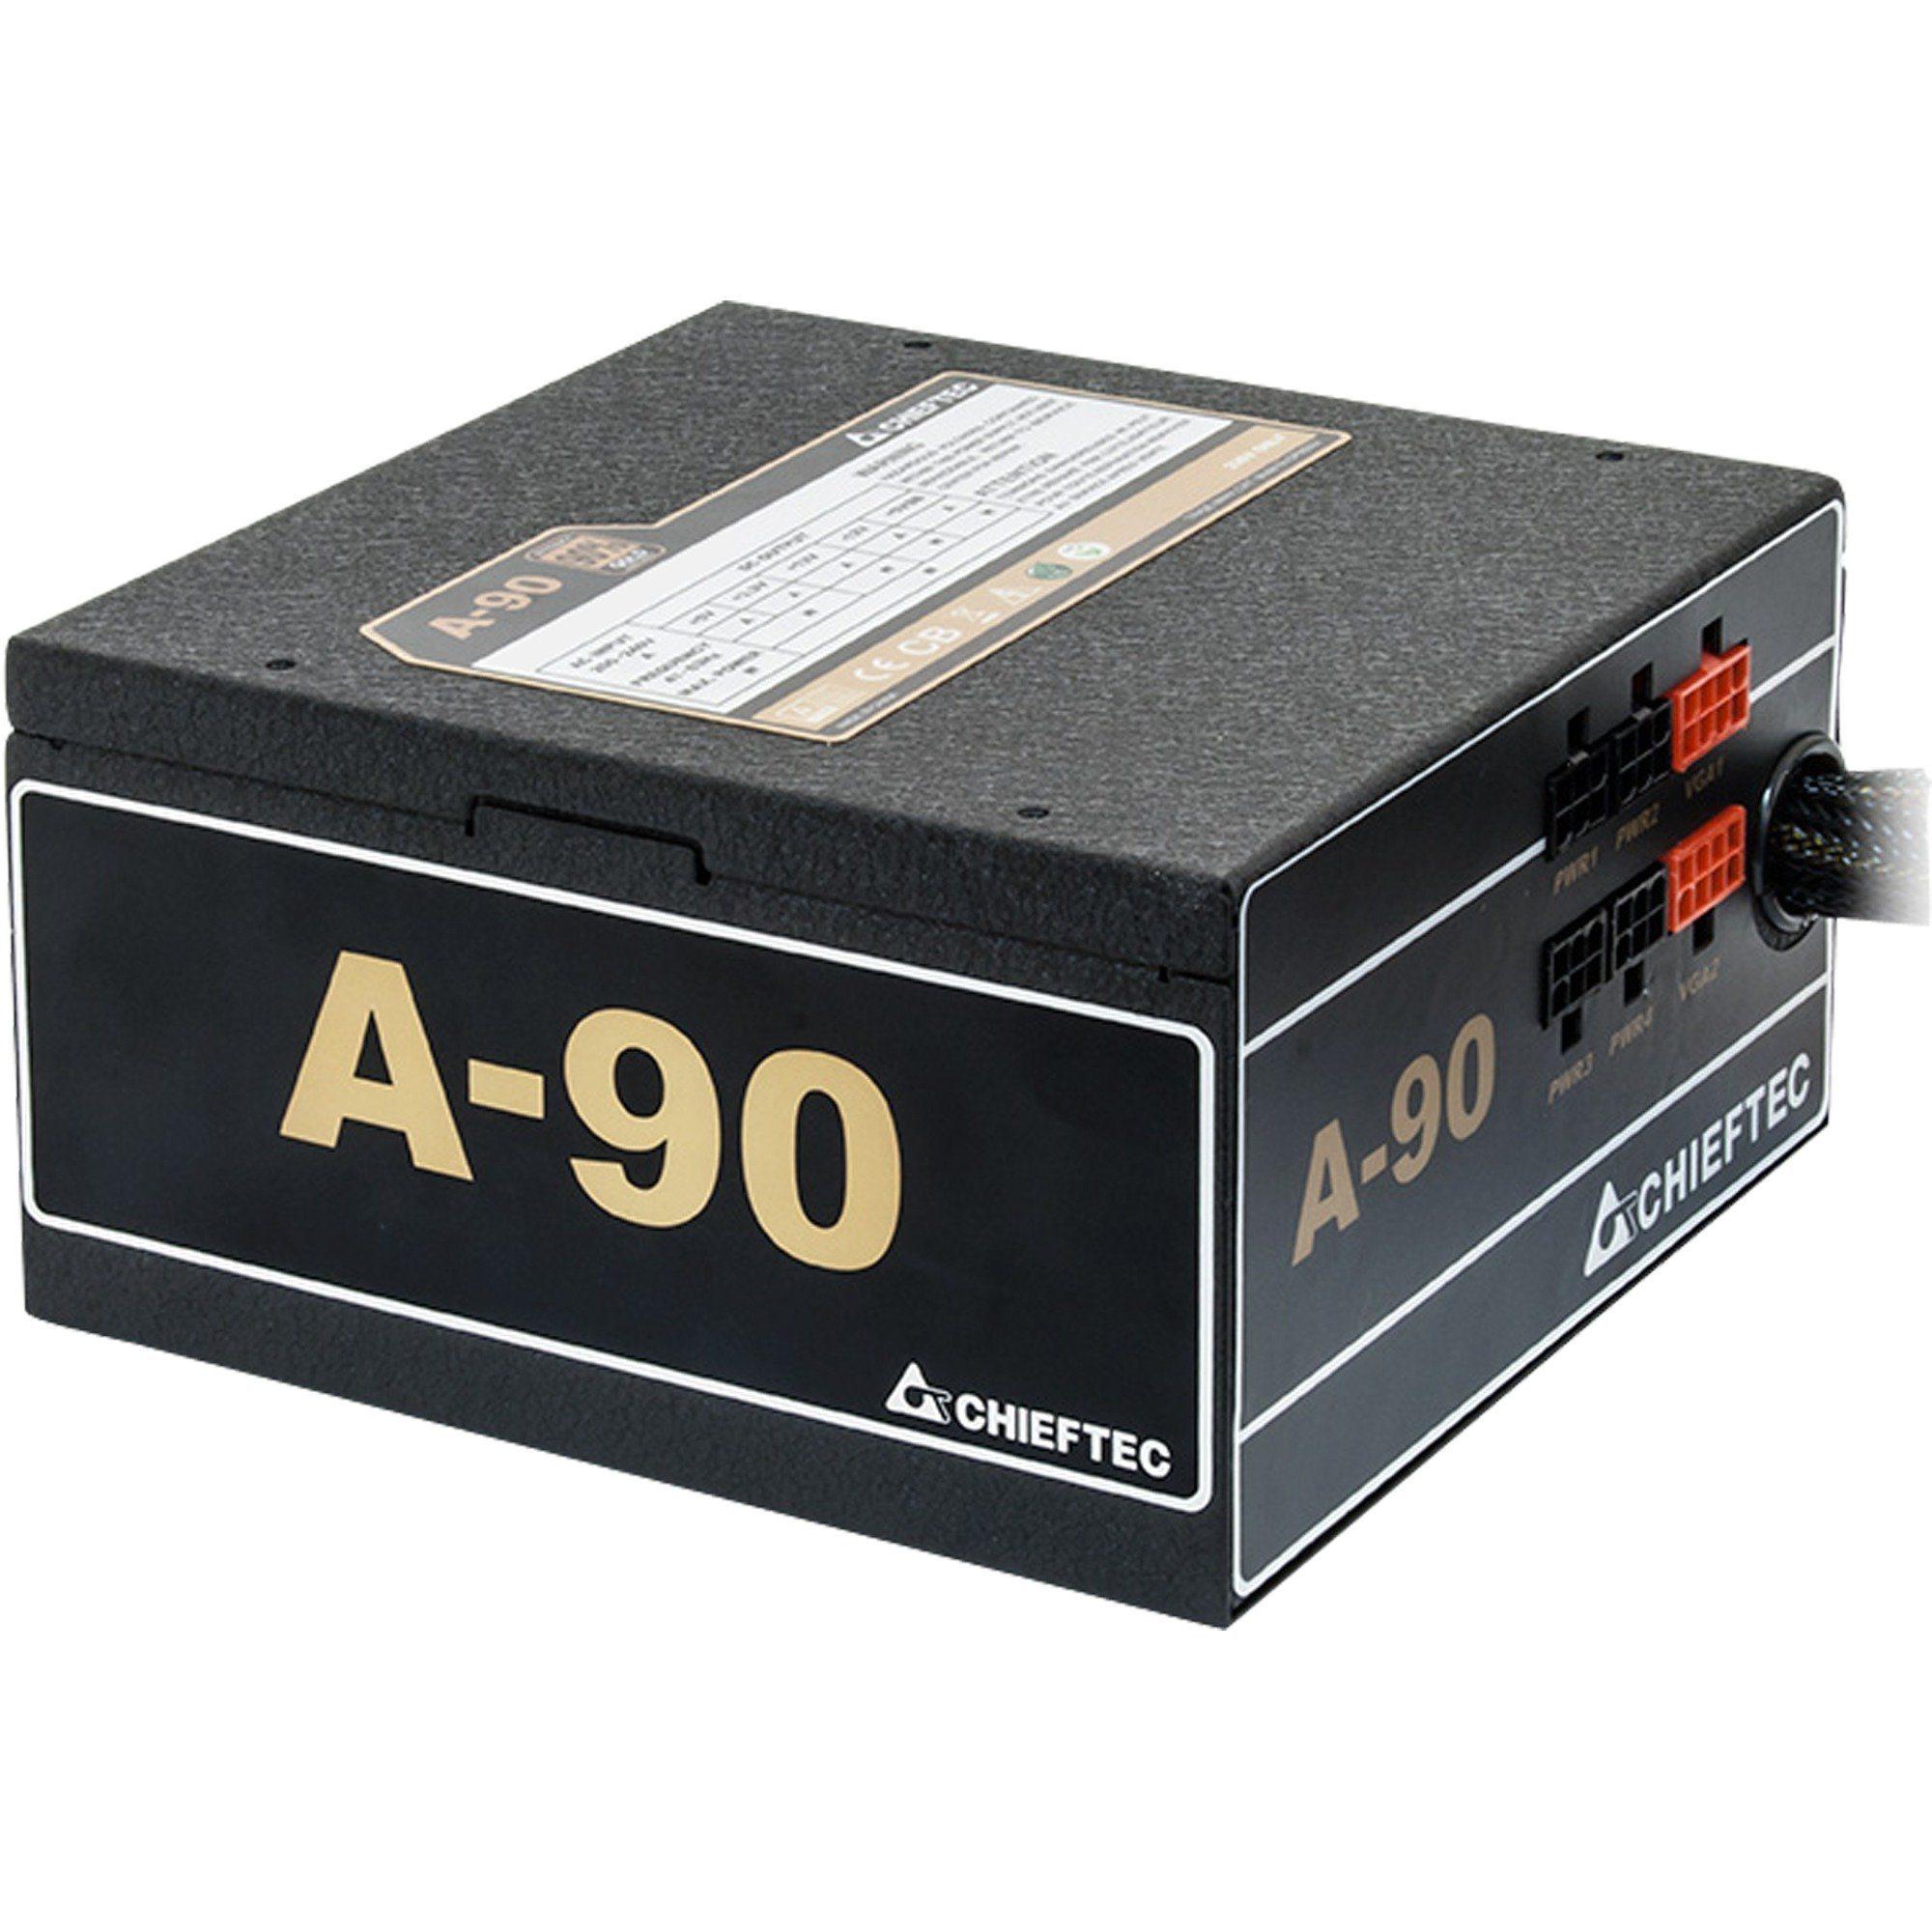 Chieftec PC-Netzteil »A-90«